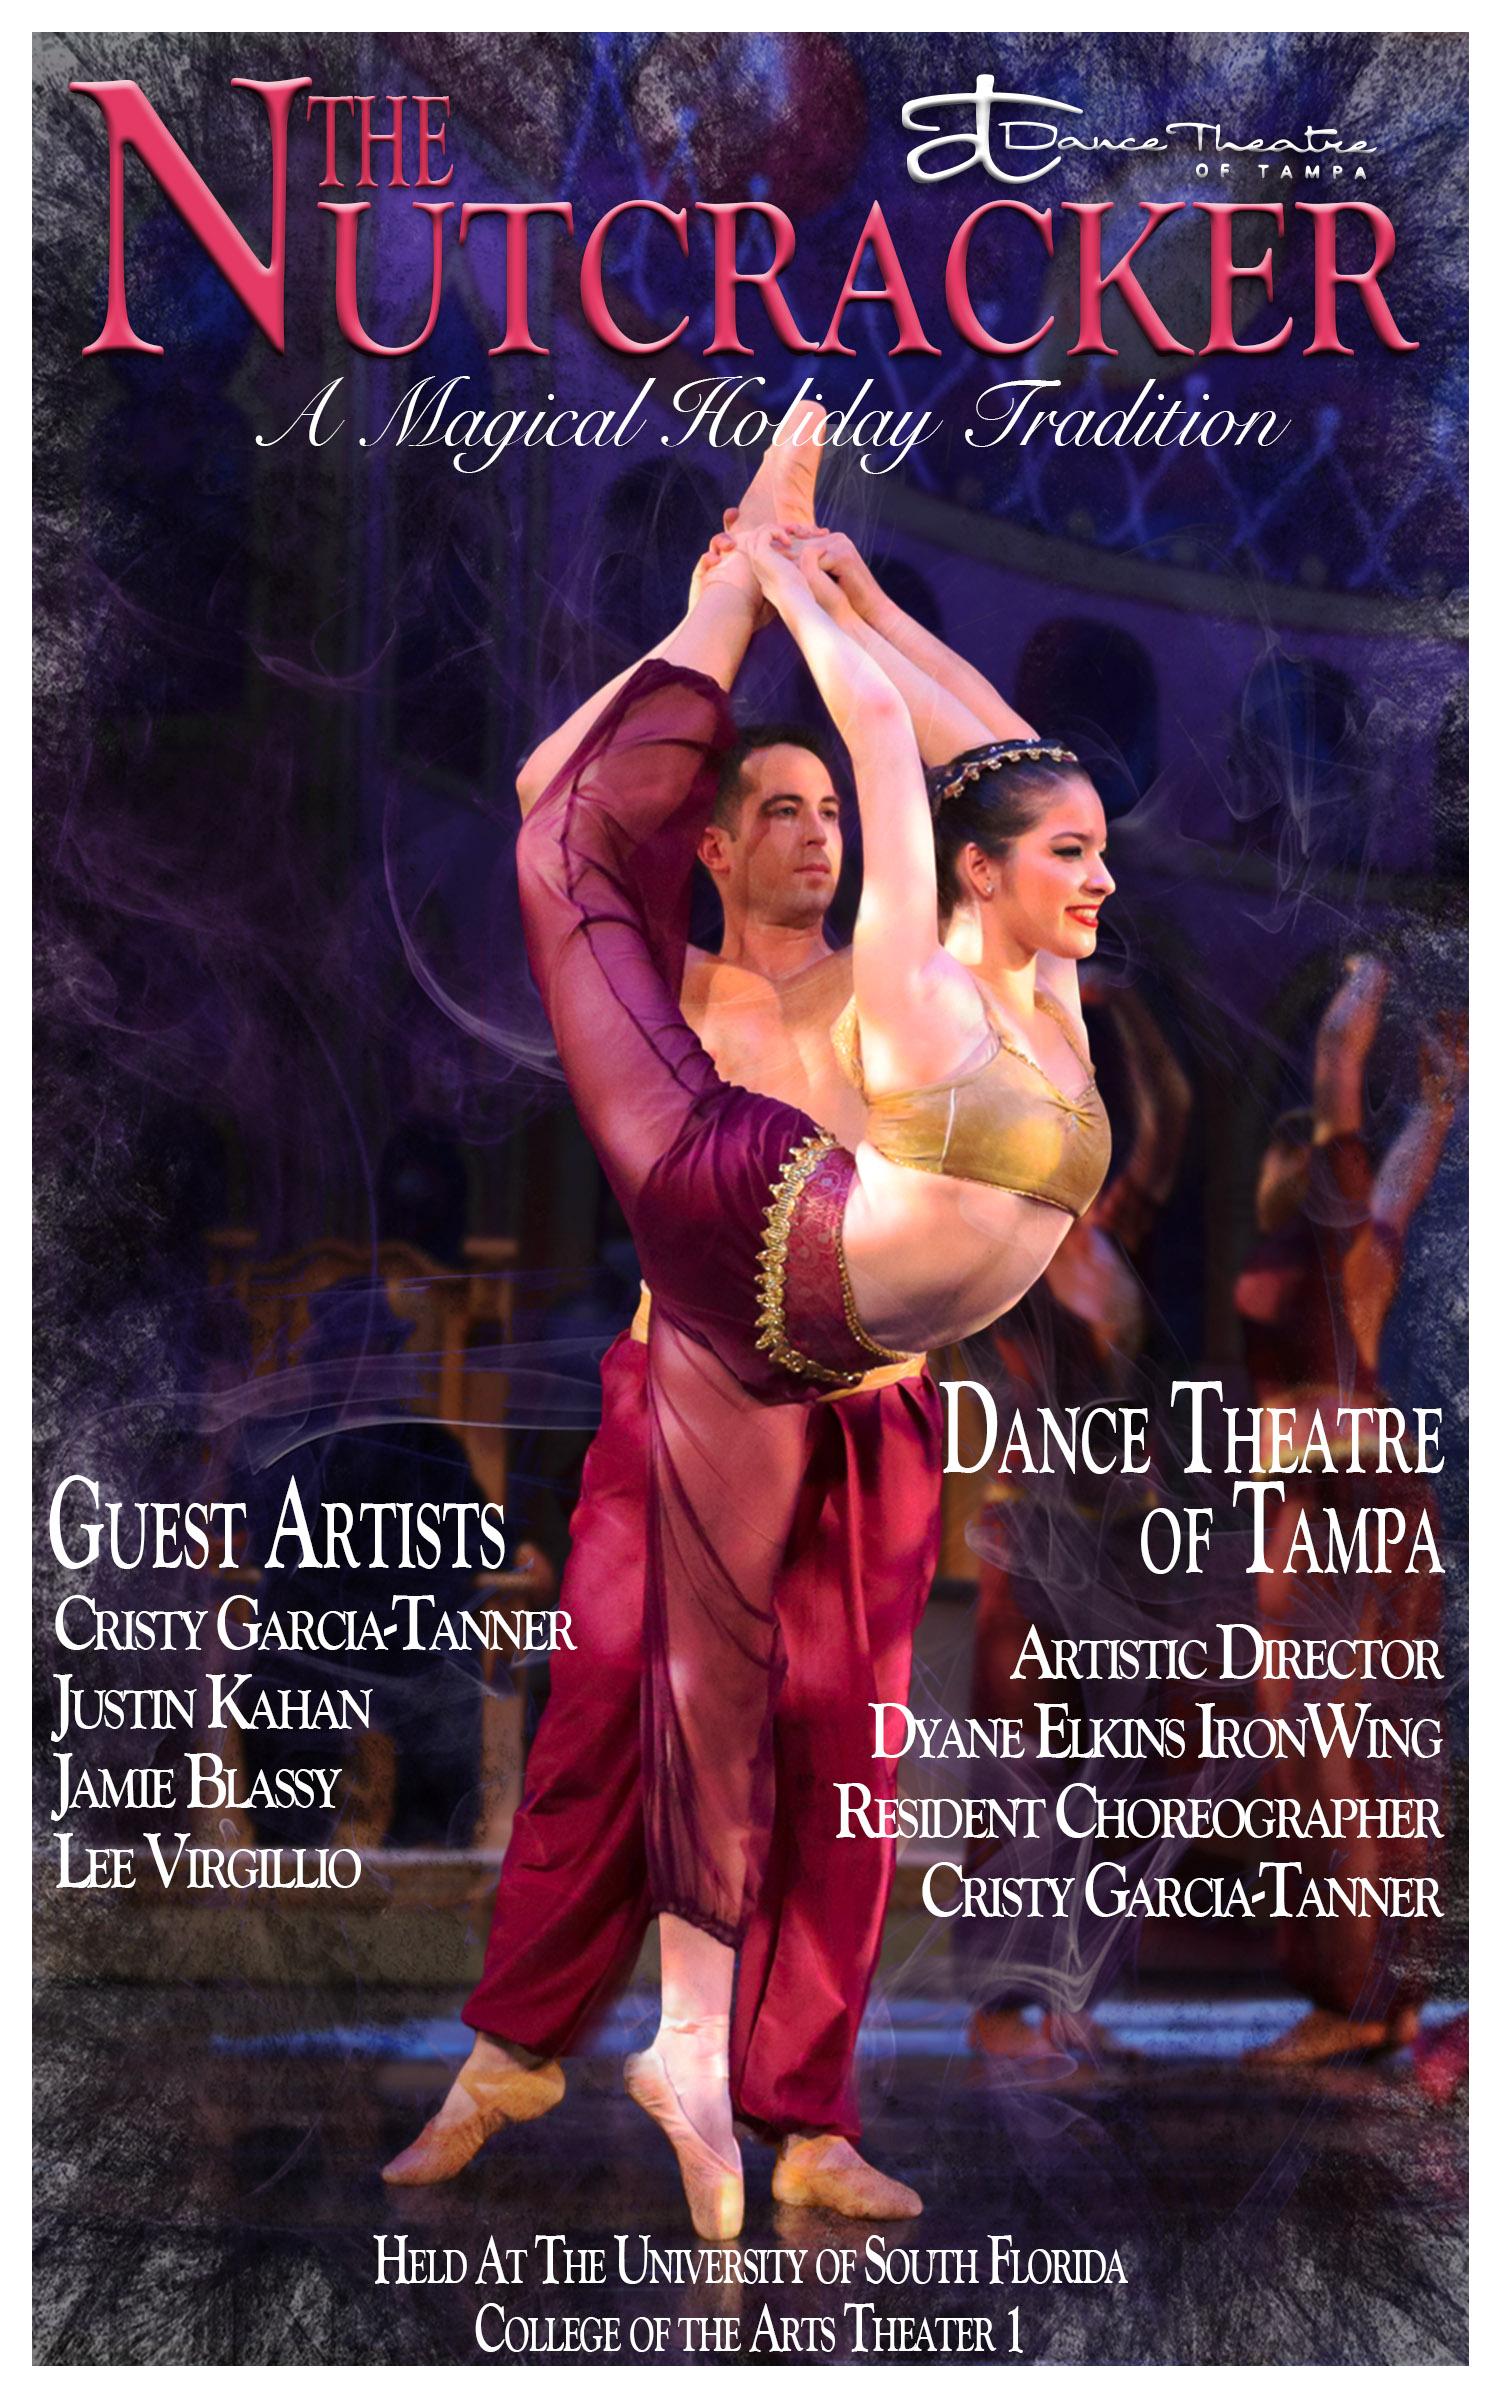 Dance Theatre of Tampa's 17th Annual Nutcracker